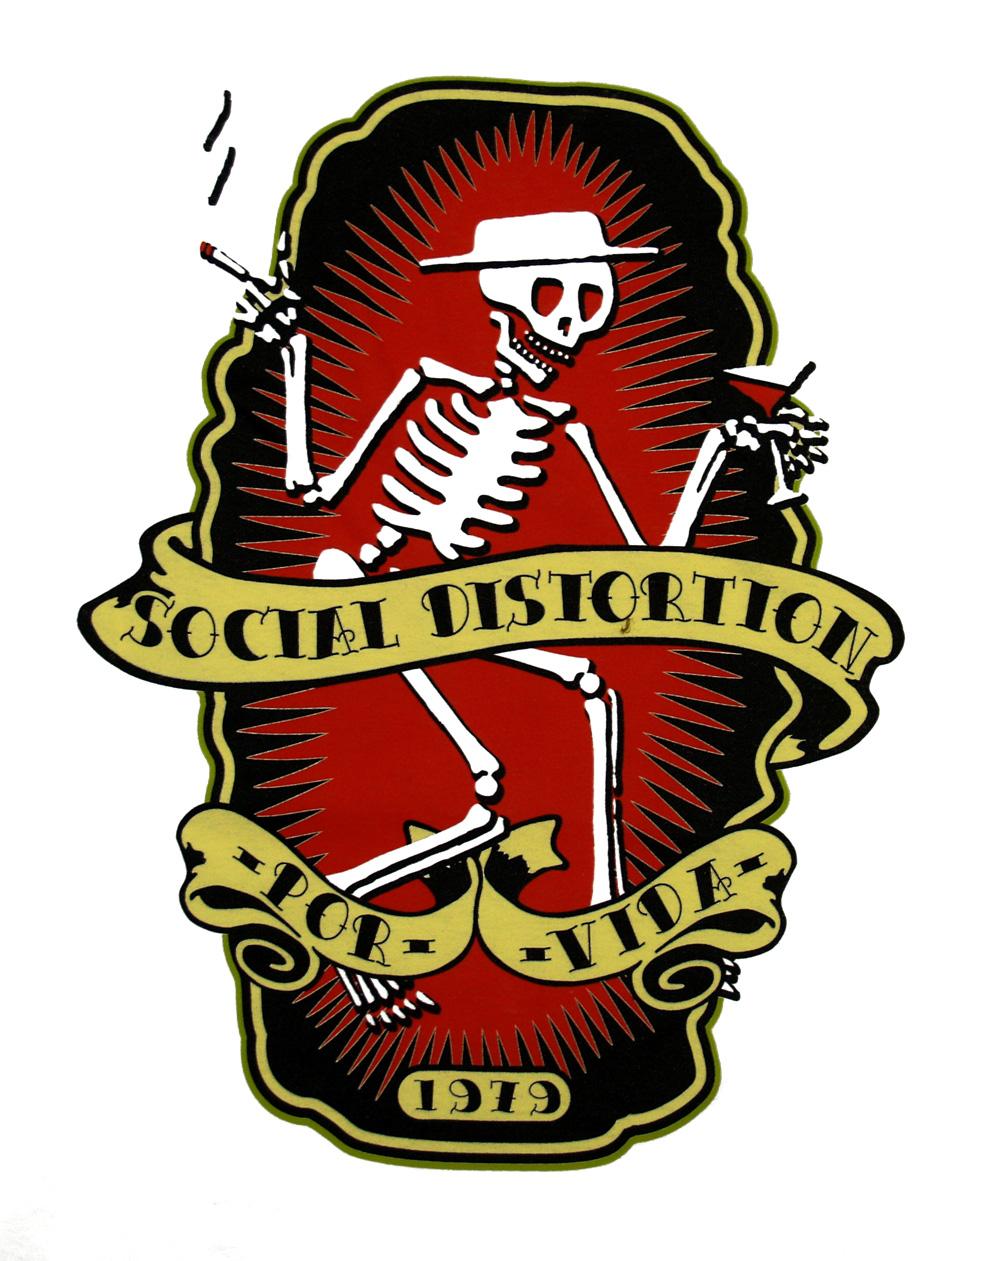 Social Distortion Logo Wallpaper Social distort 1001x1261